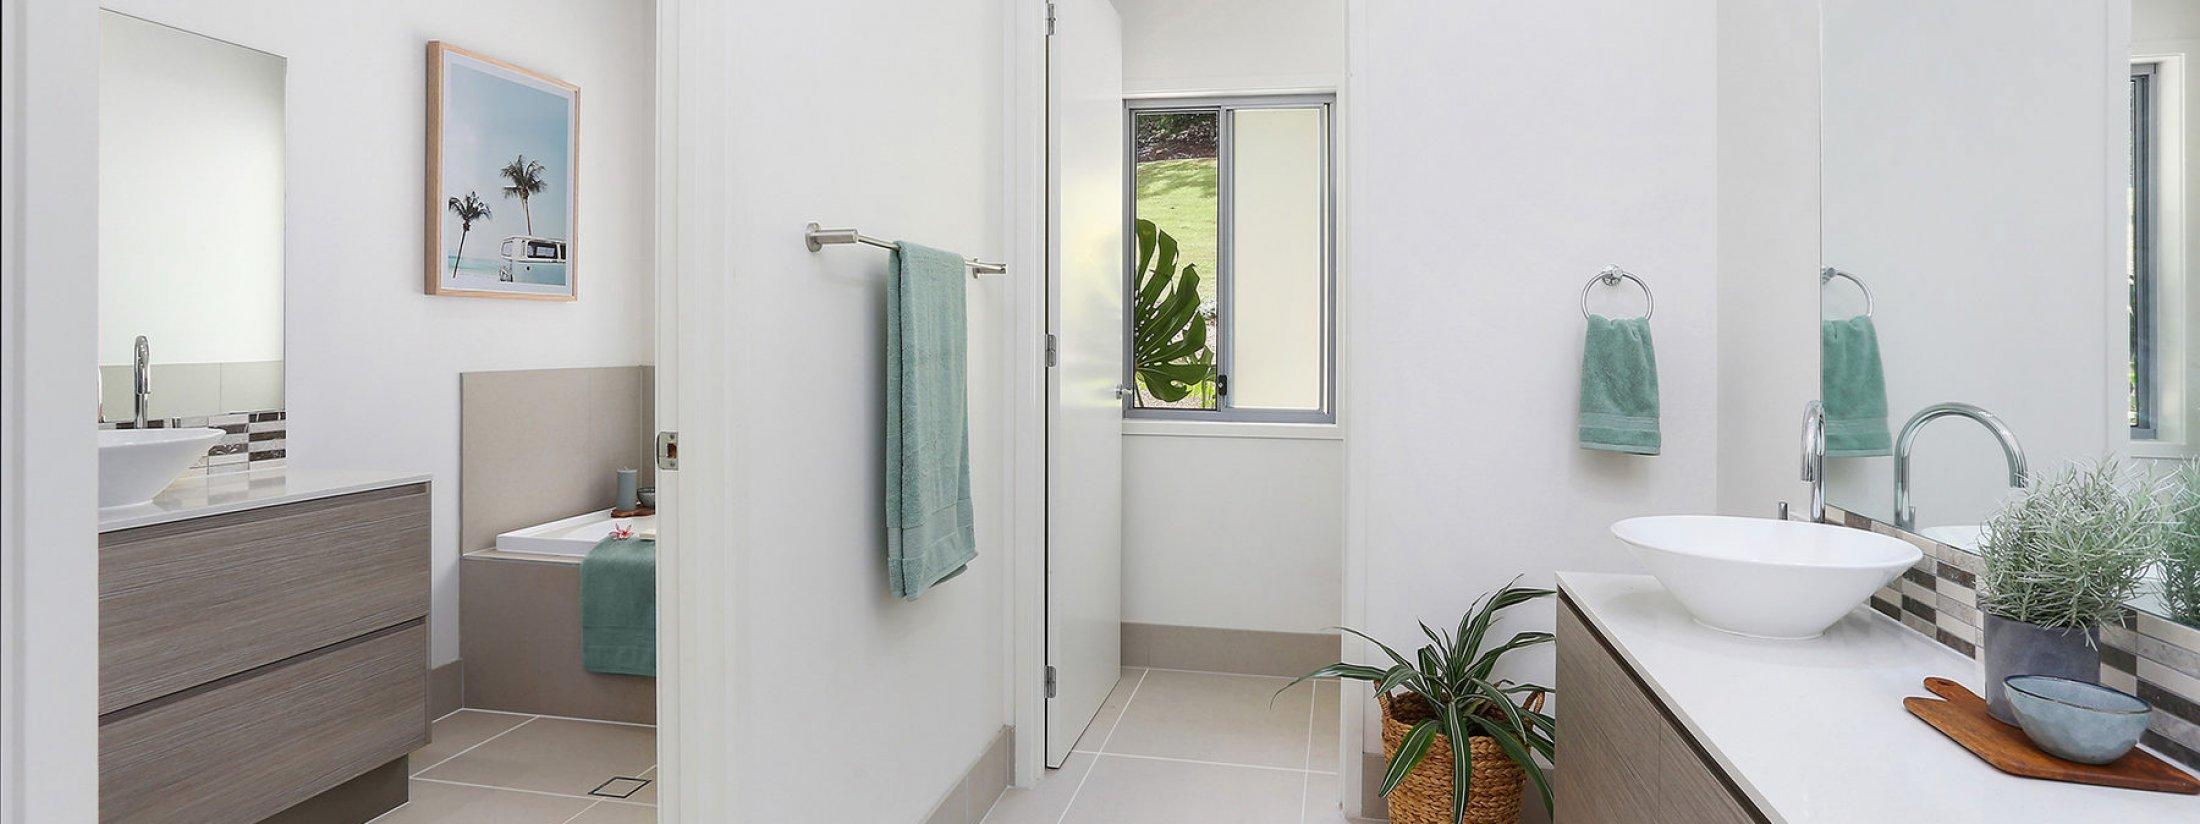 Currumbin Heights - Currumbin - Bathroom 1